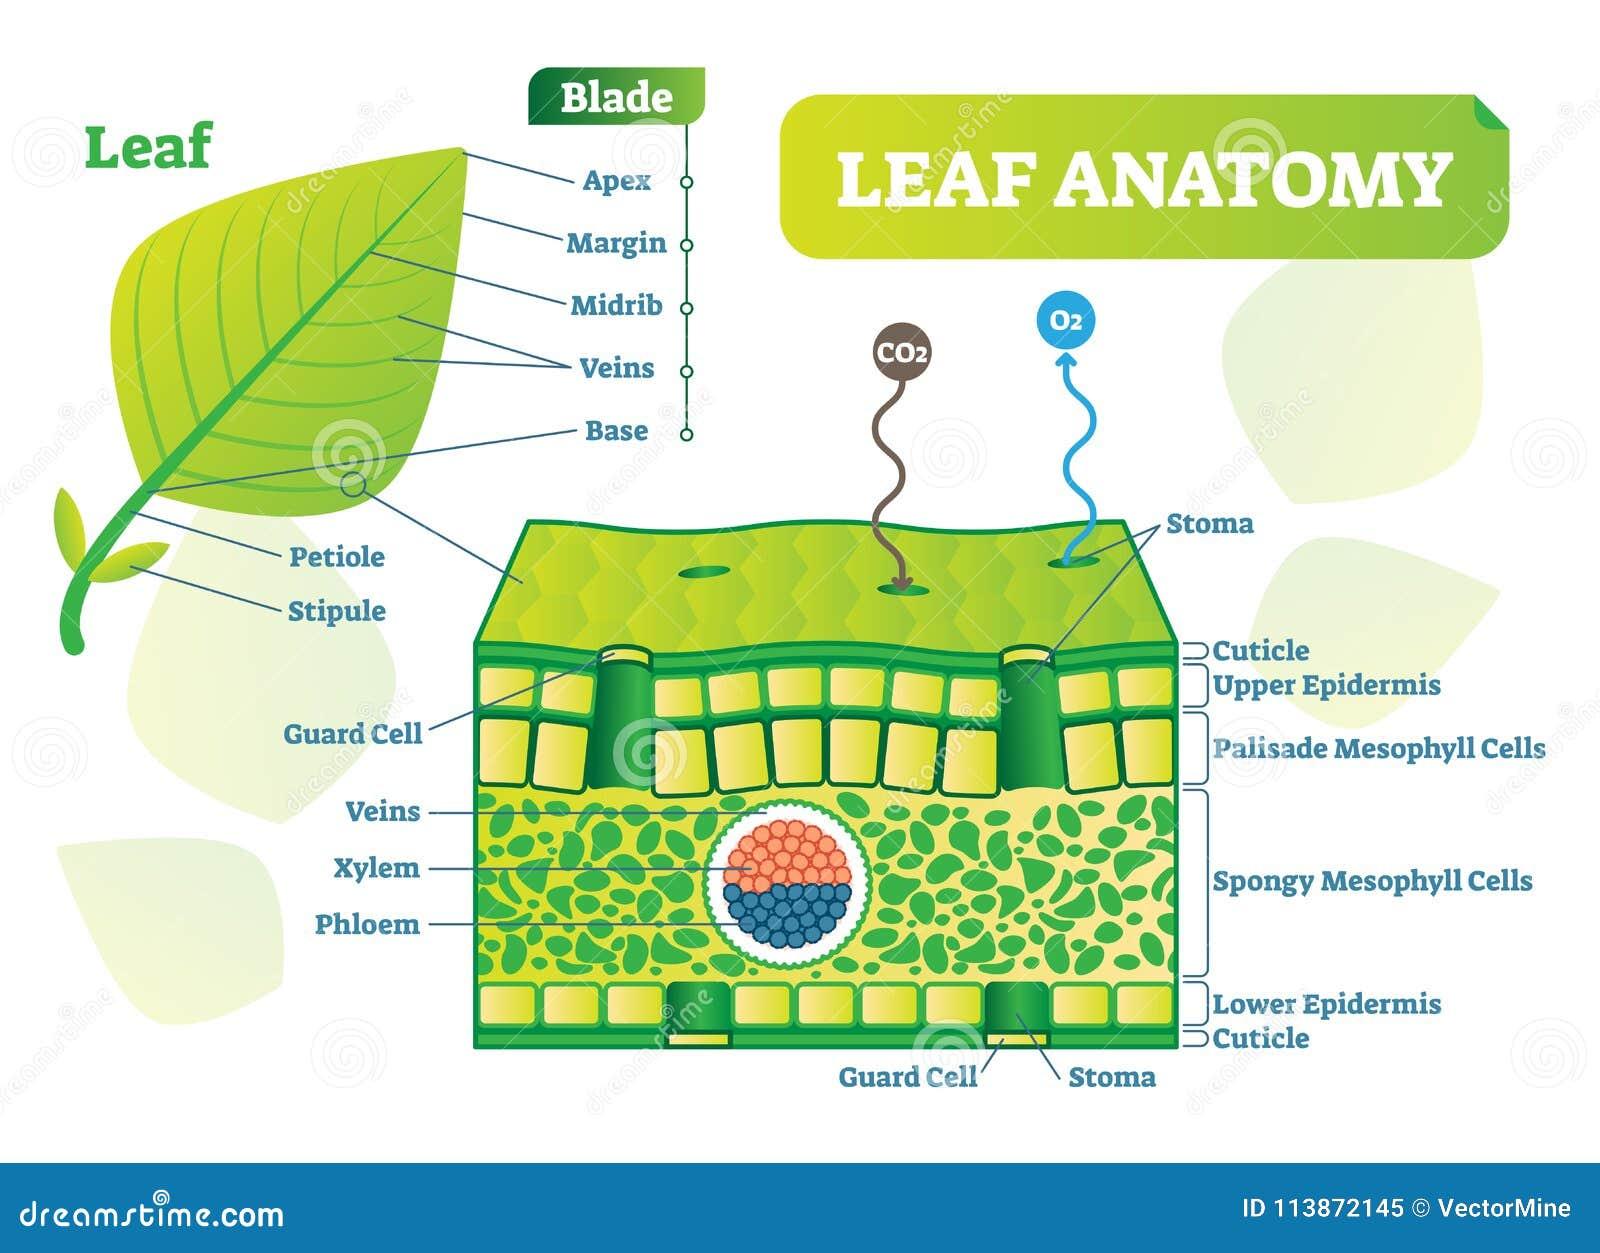 Hermosa Diagrama De La Anatomía Uña Inspiración - Imágenes de ...